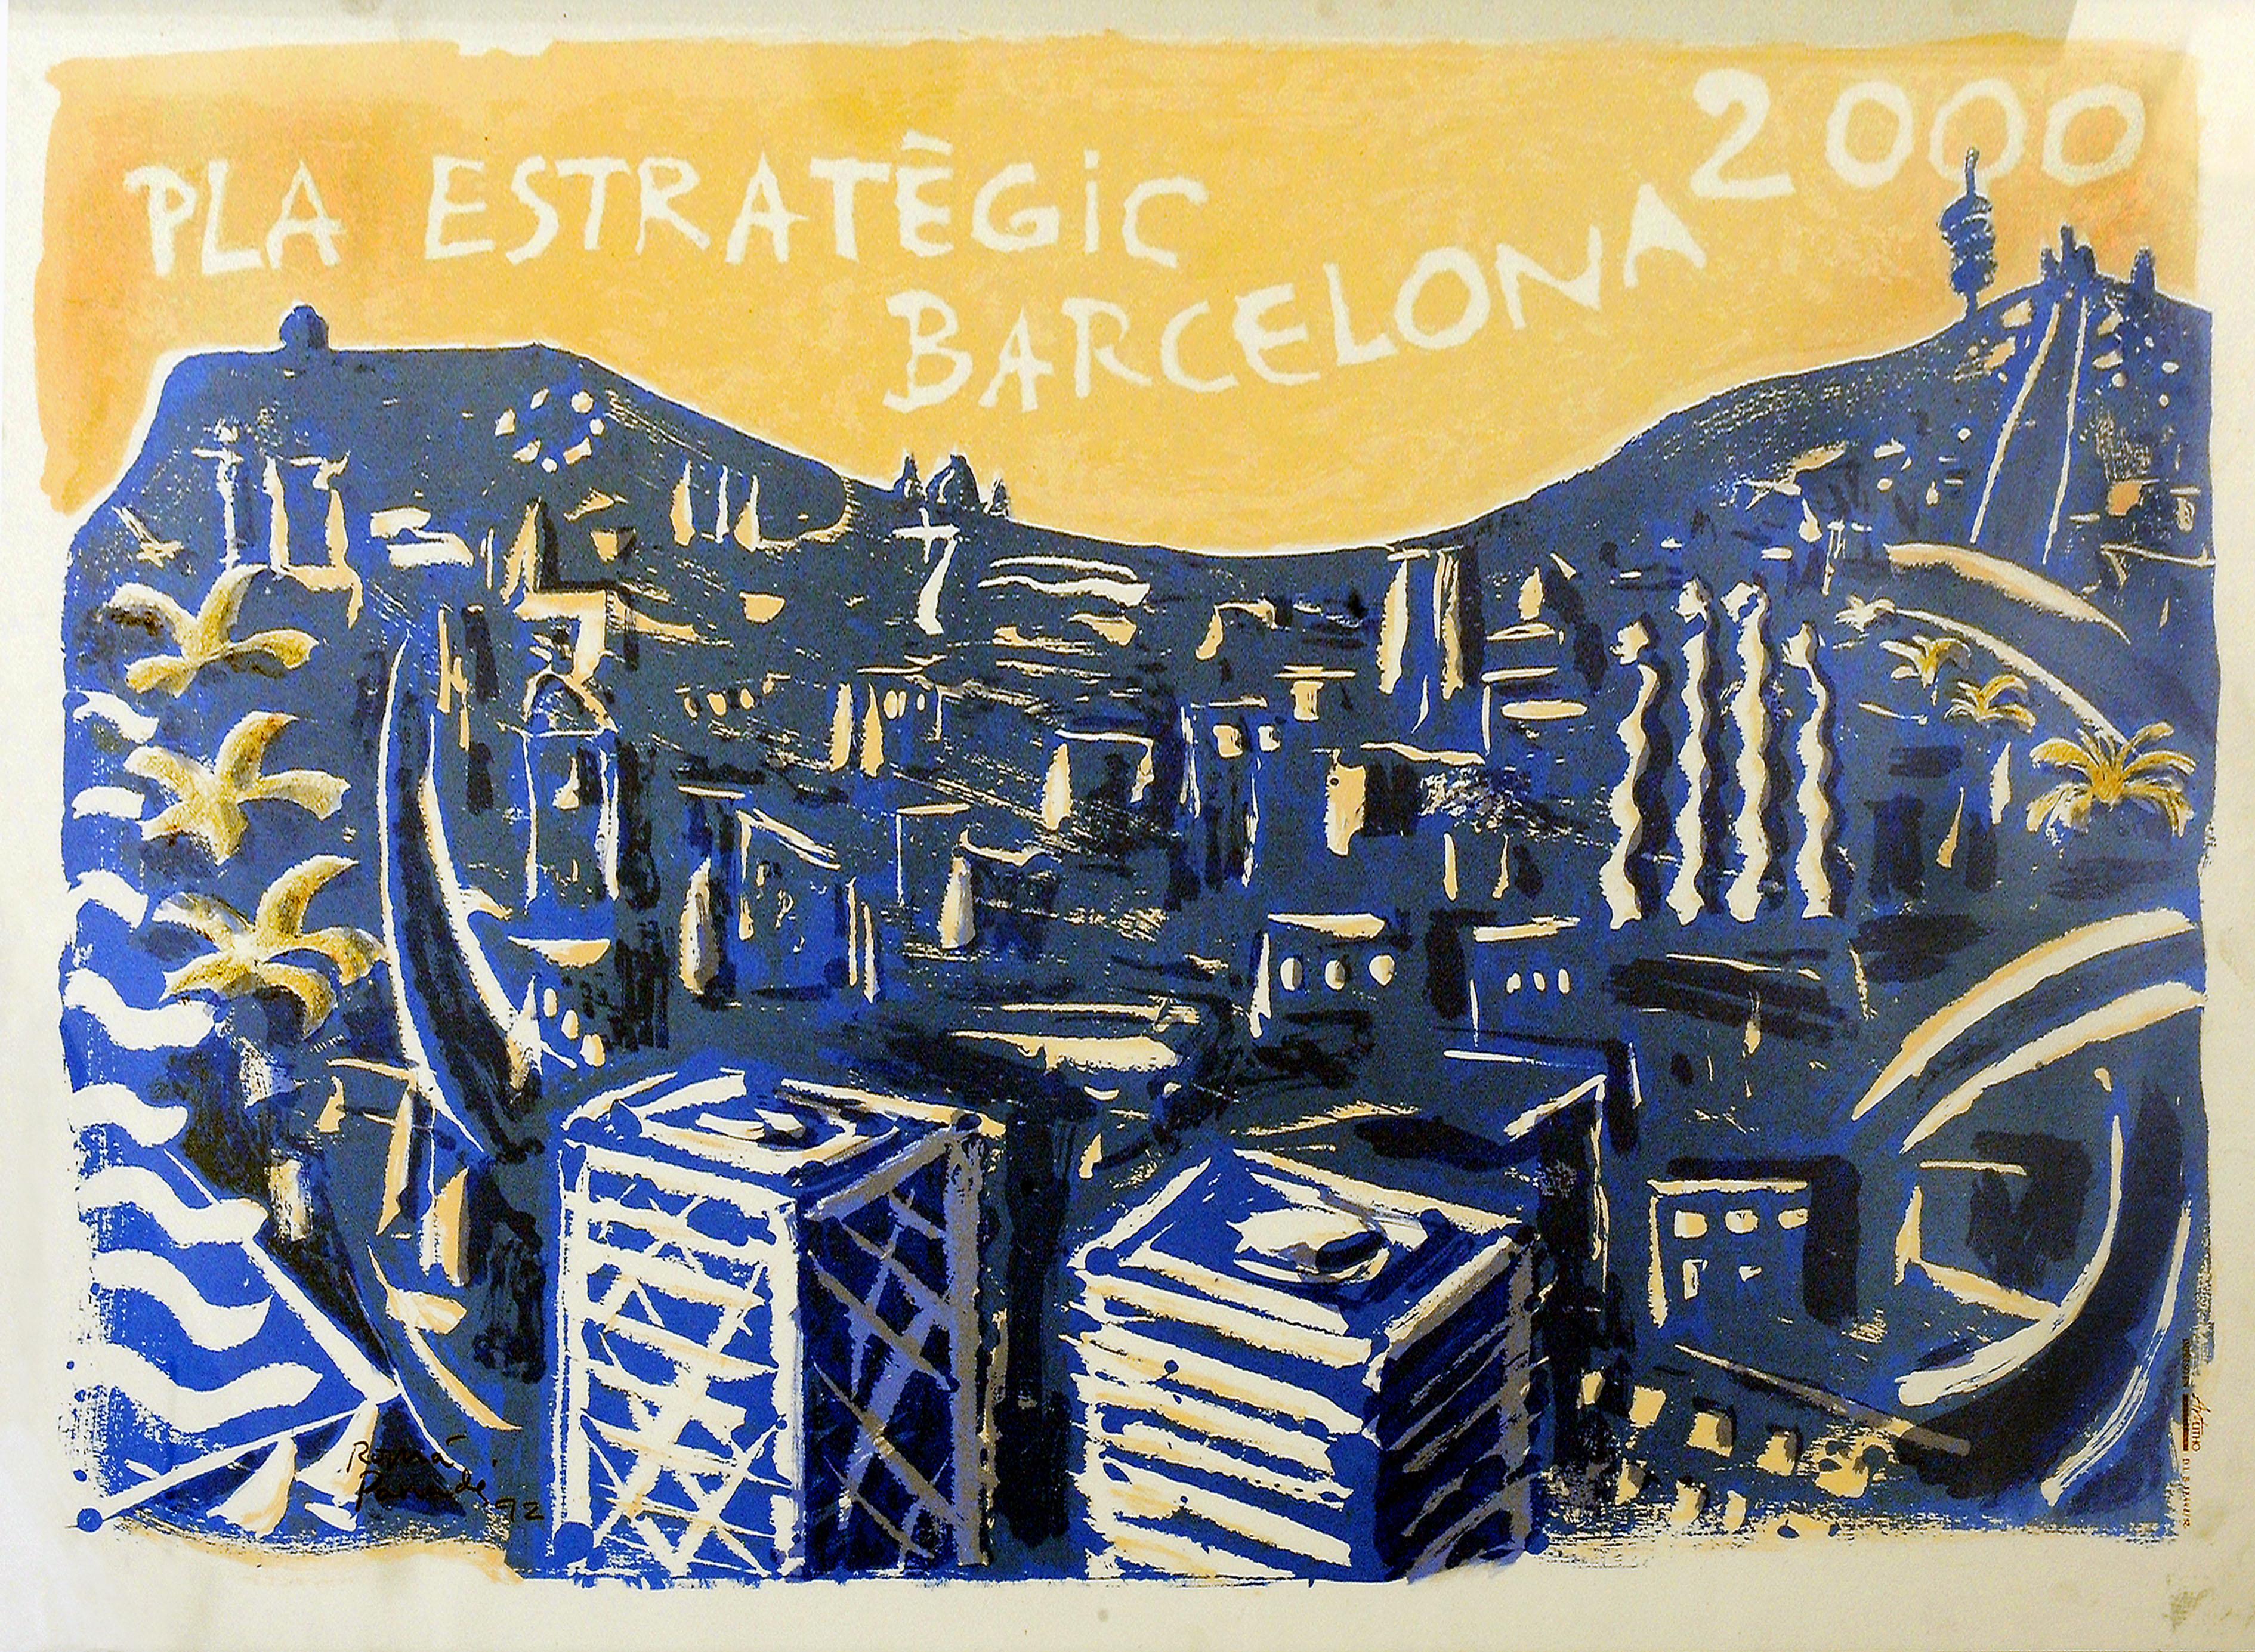 Pla estratègic Barcelona 2000 de Romà Panadès